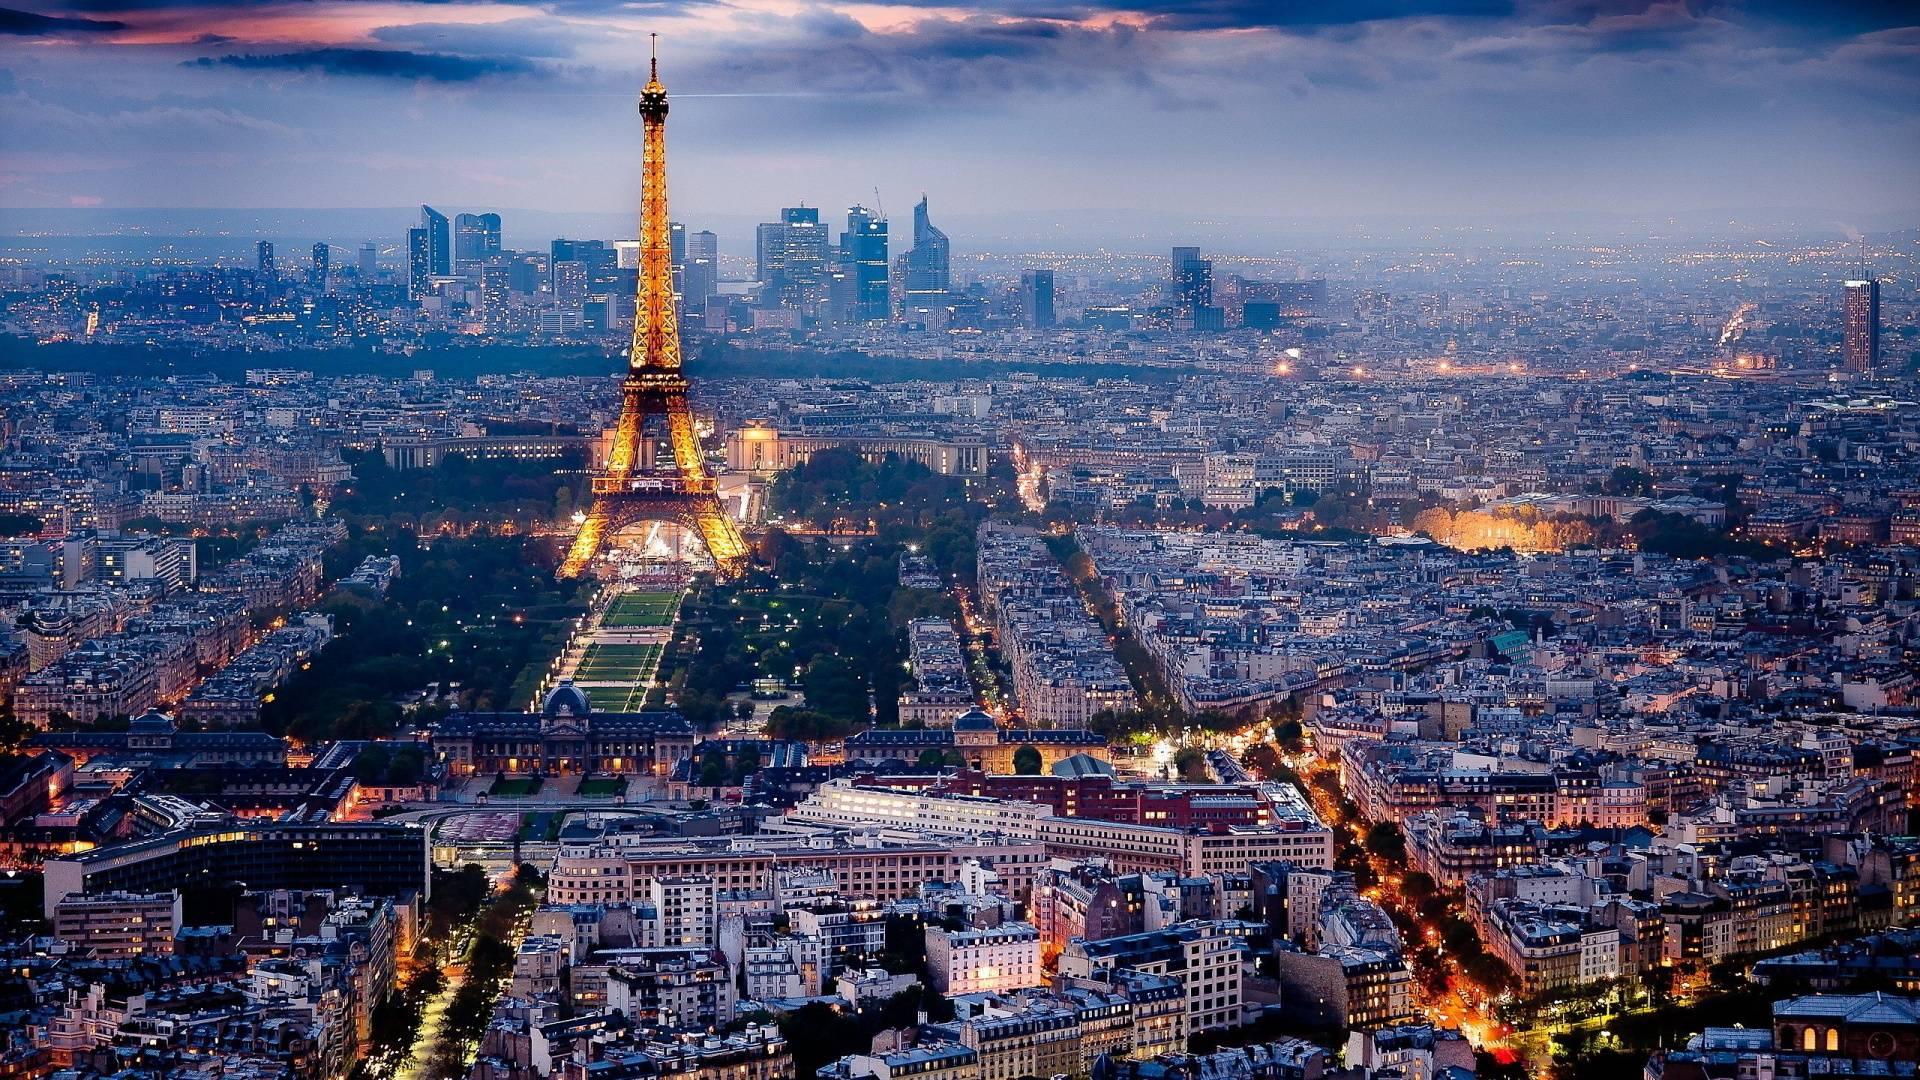 Hd wallpaper paris - Paris City Of Love Quotes Wallpaper Desktop Smadata Com